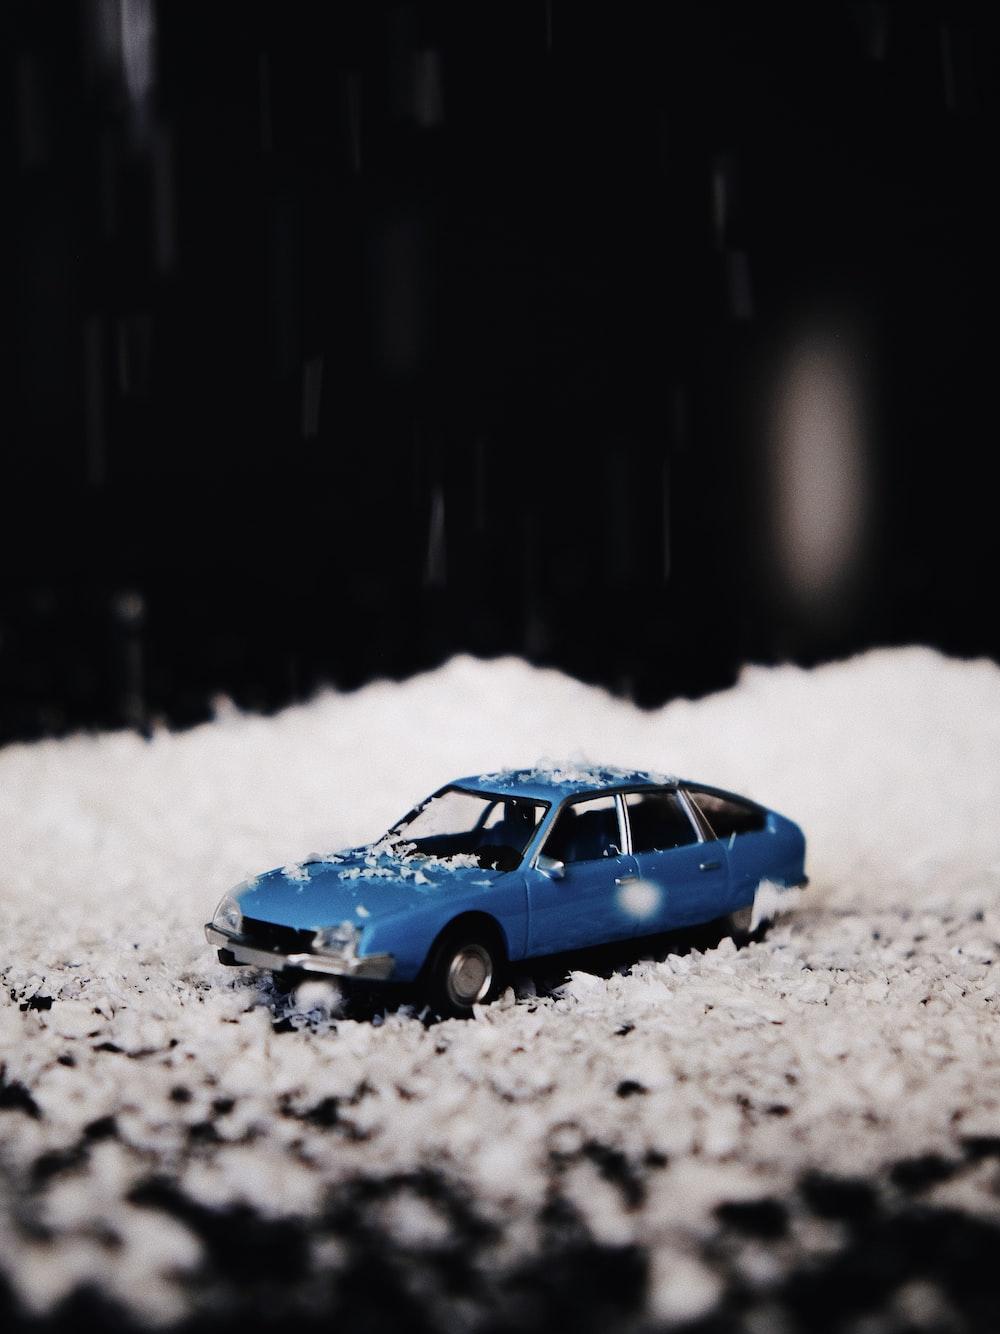 blue car diecast toy